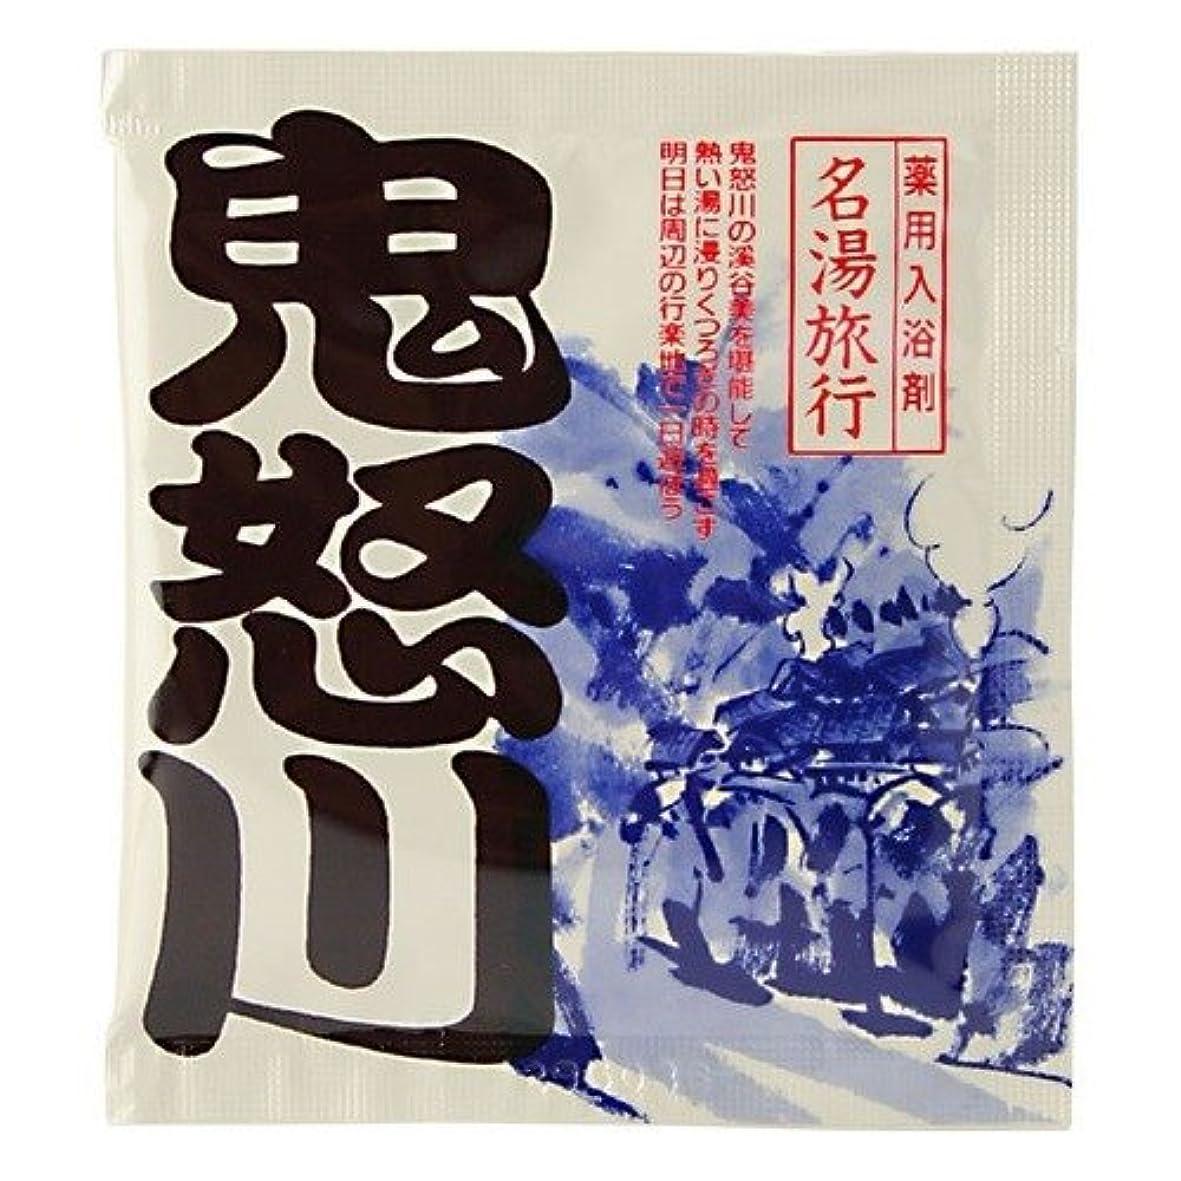 まばたき幅領域五洲薬品 名湯旅行 鬼怒川 25g 4987332126706